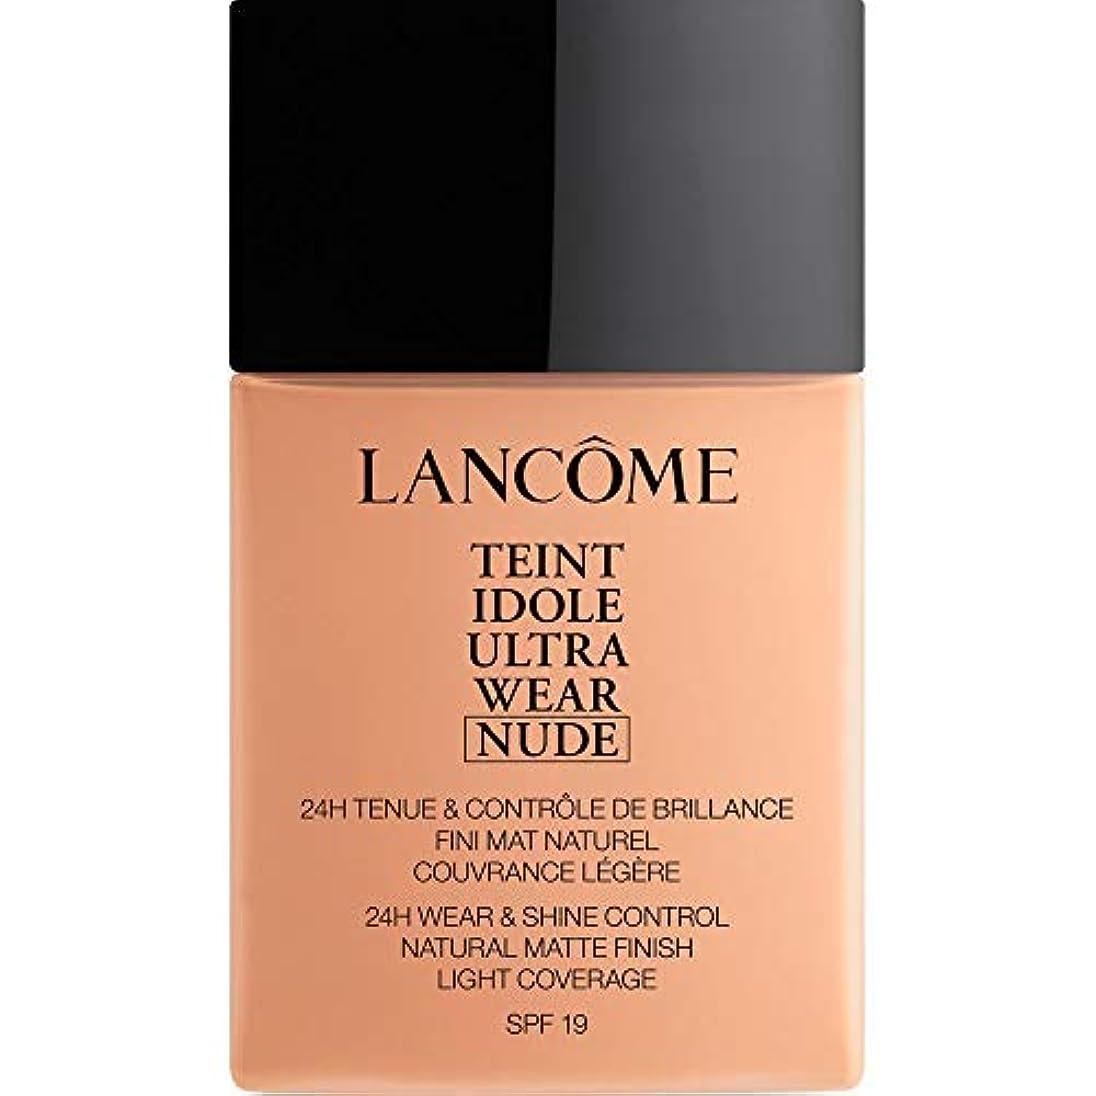 シャベル献身はねかける[Lanc?me ] ランコムTeintのIdole超摩耗ヌード財団Spf19の40ミリリットル038 - ベージュCuivre - Lancome Teint Idole Ultra Wear Nude Foundation...